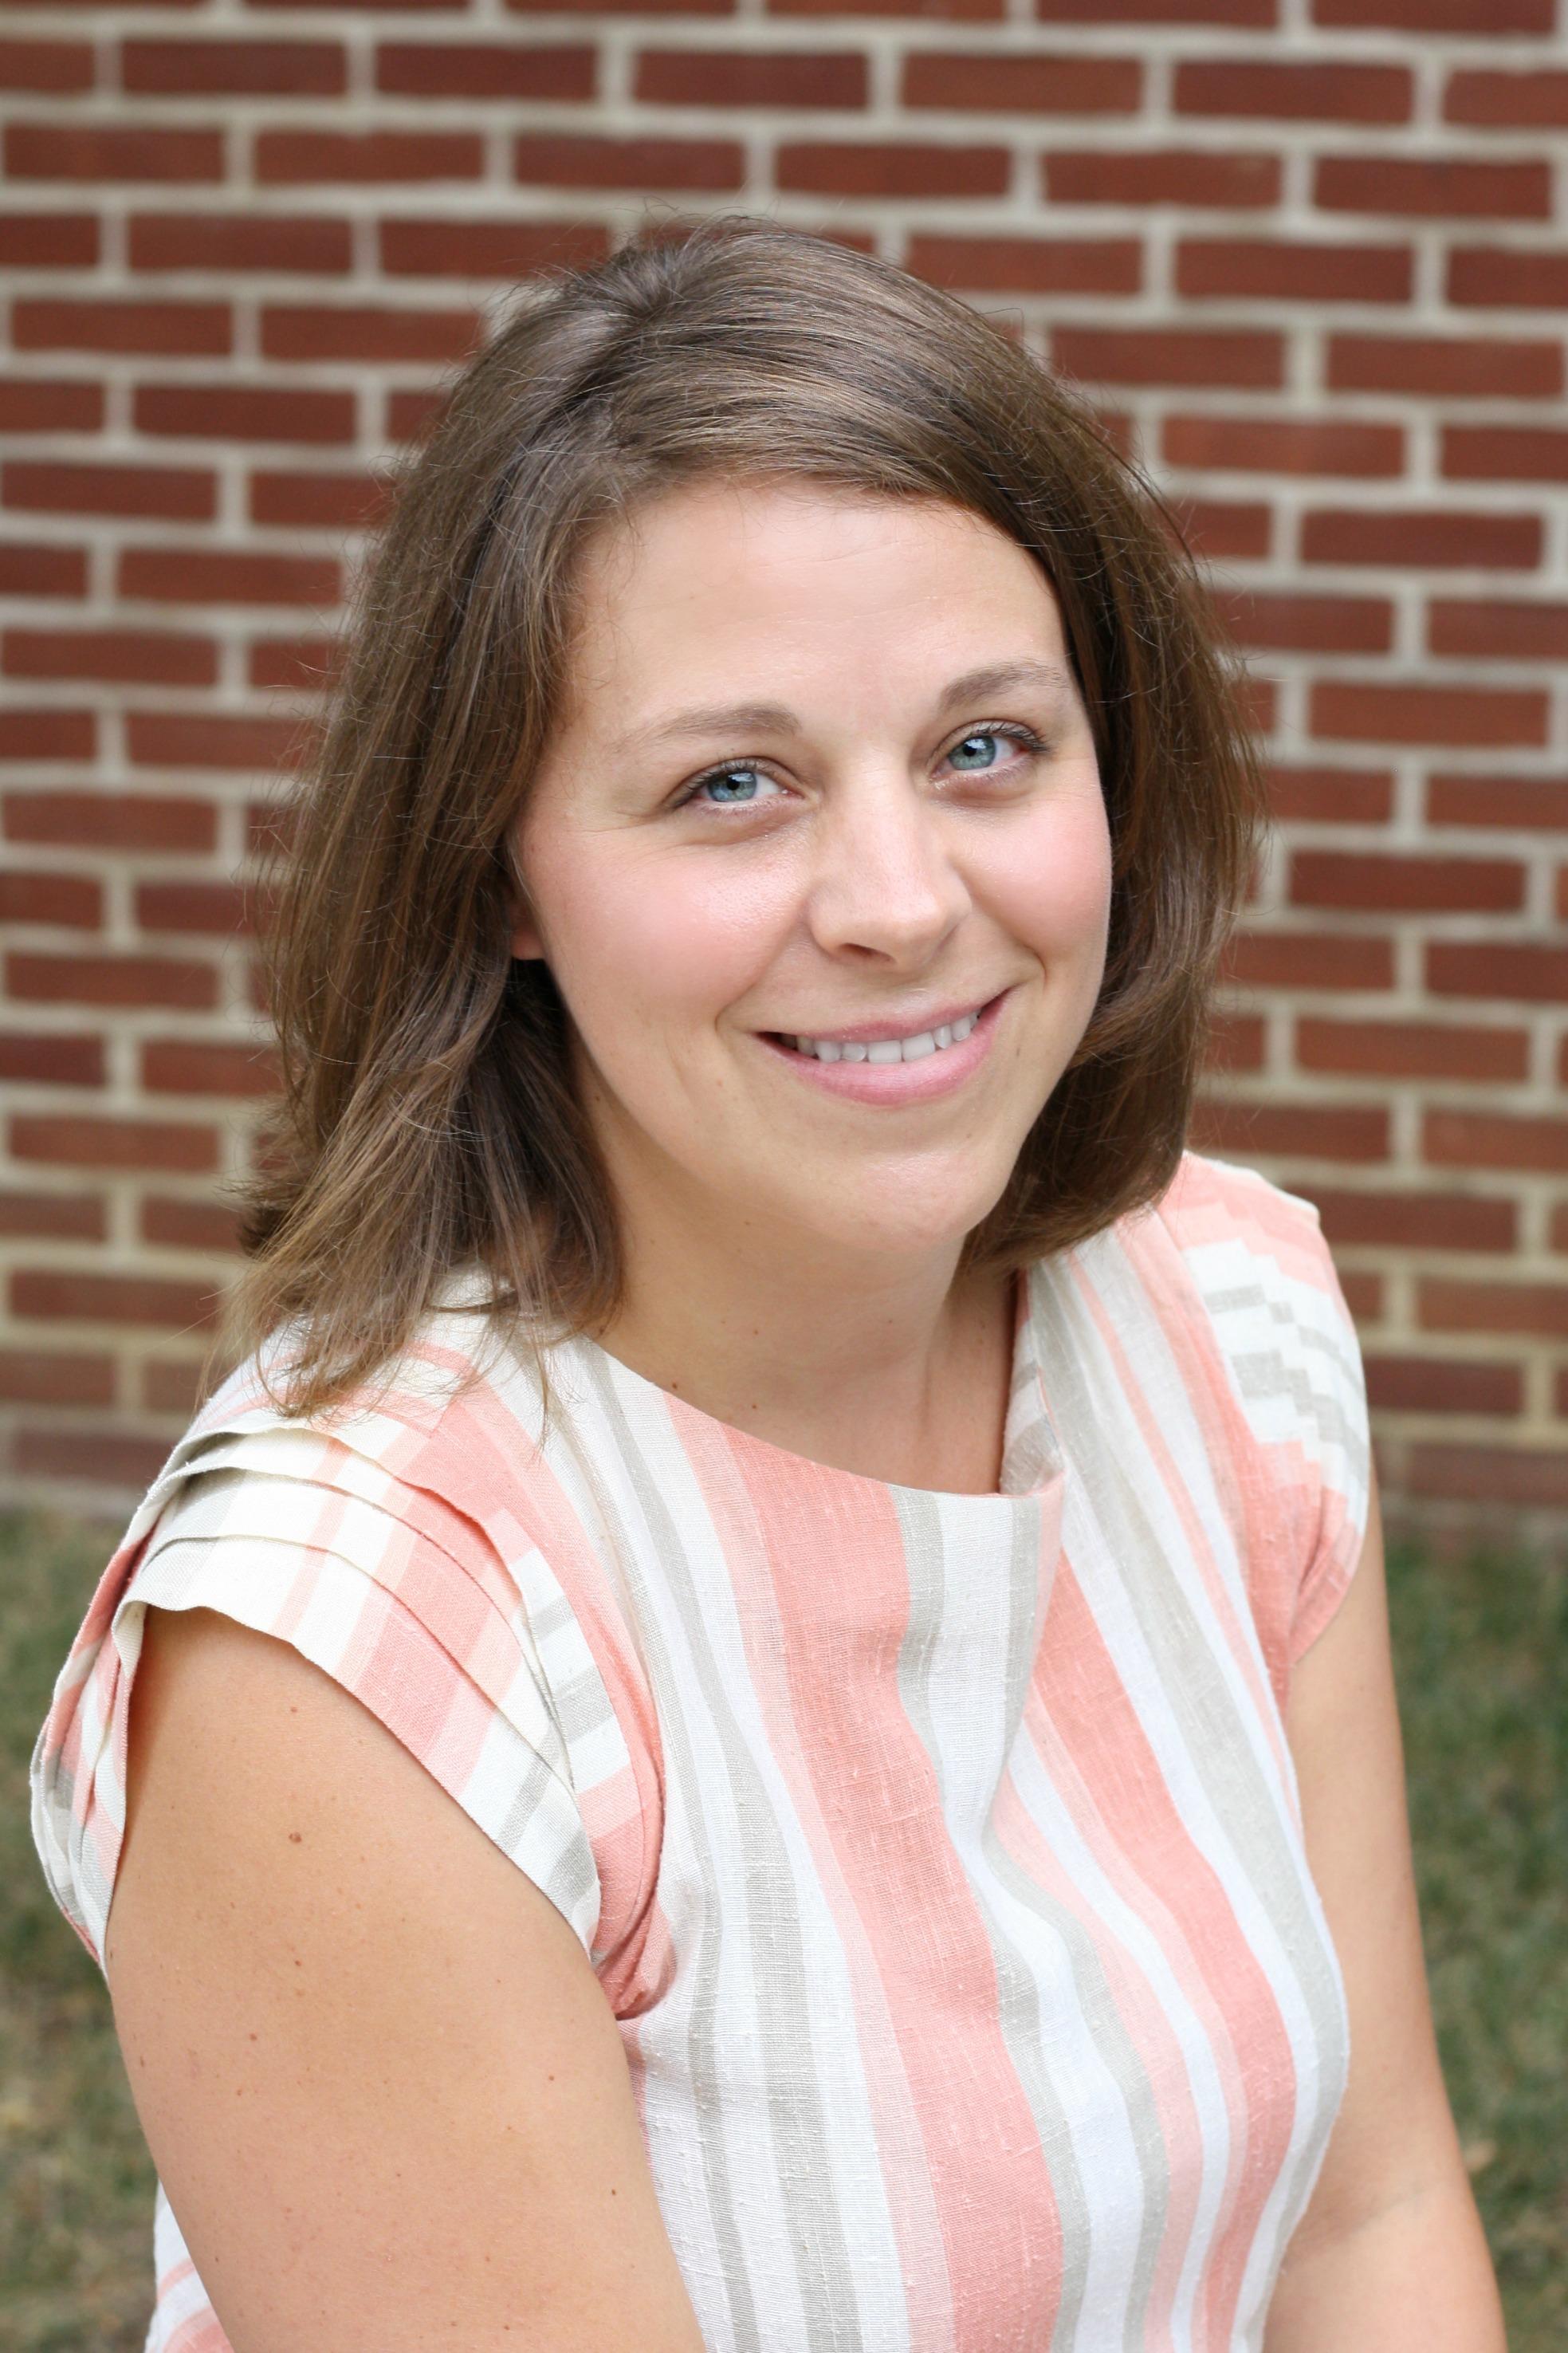 Erin Wilfong